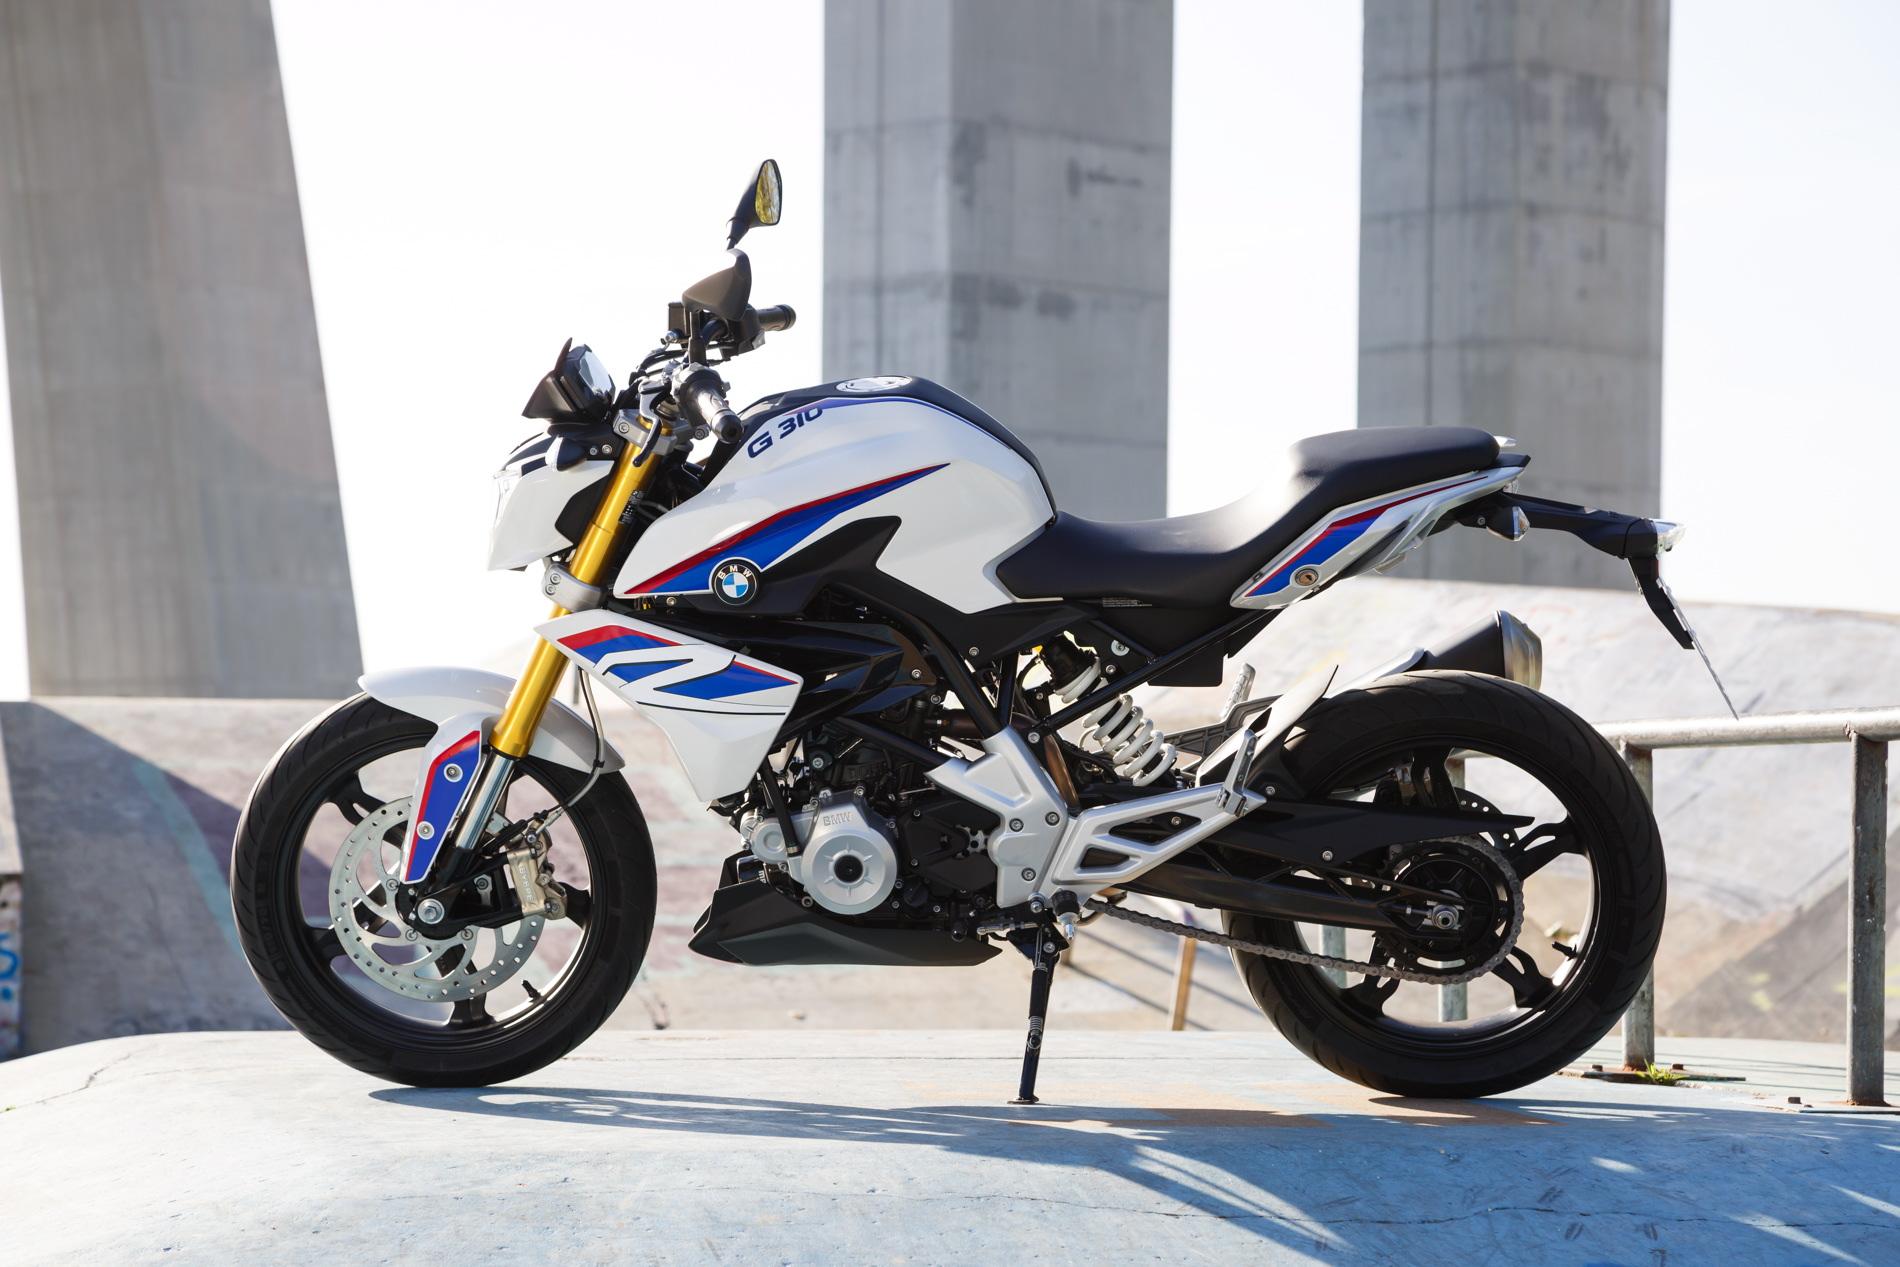 BMW GS 310 R